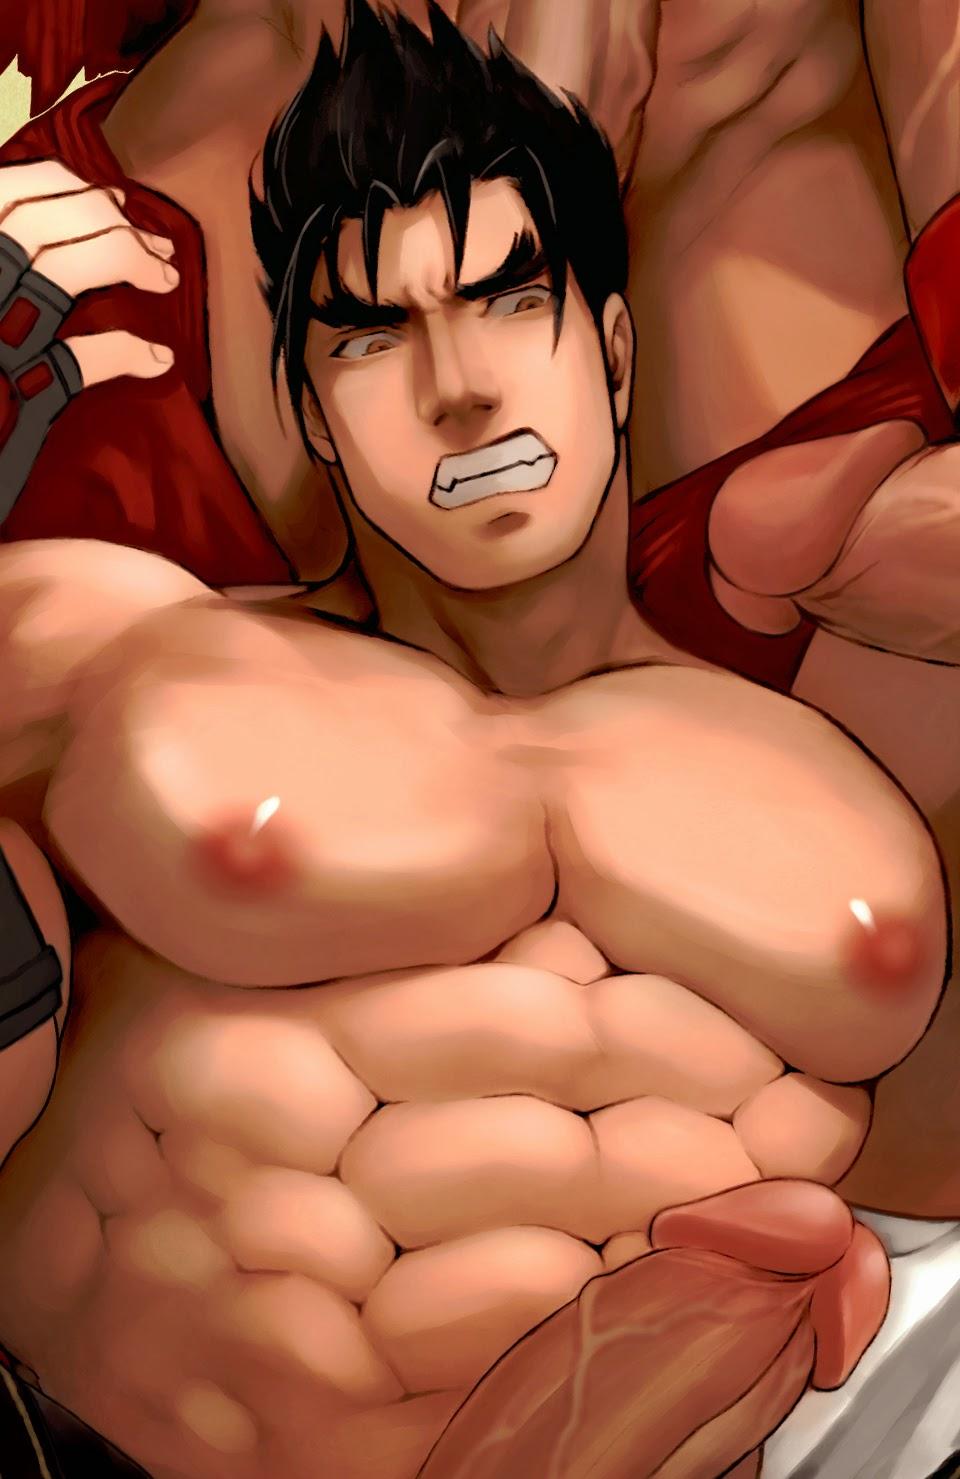 Telecharges xxxxx tekken hentai 3gp vedeo naked photos